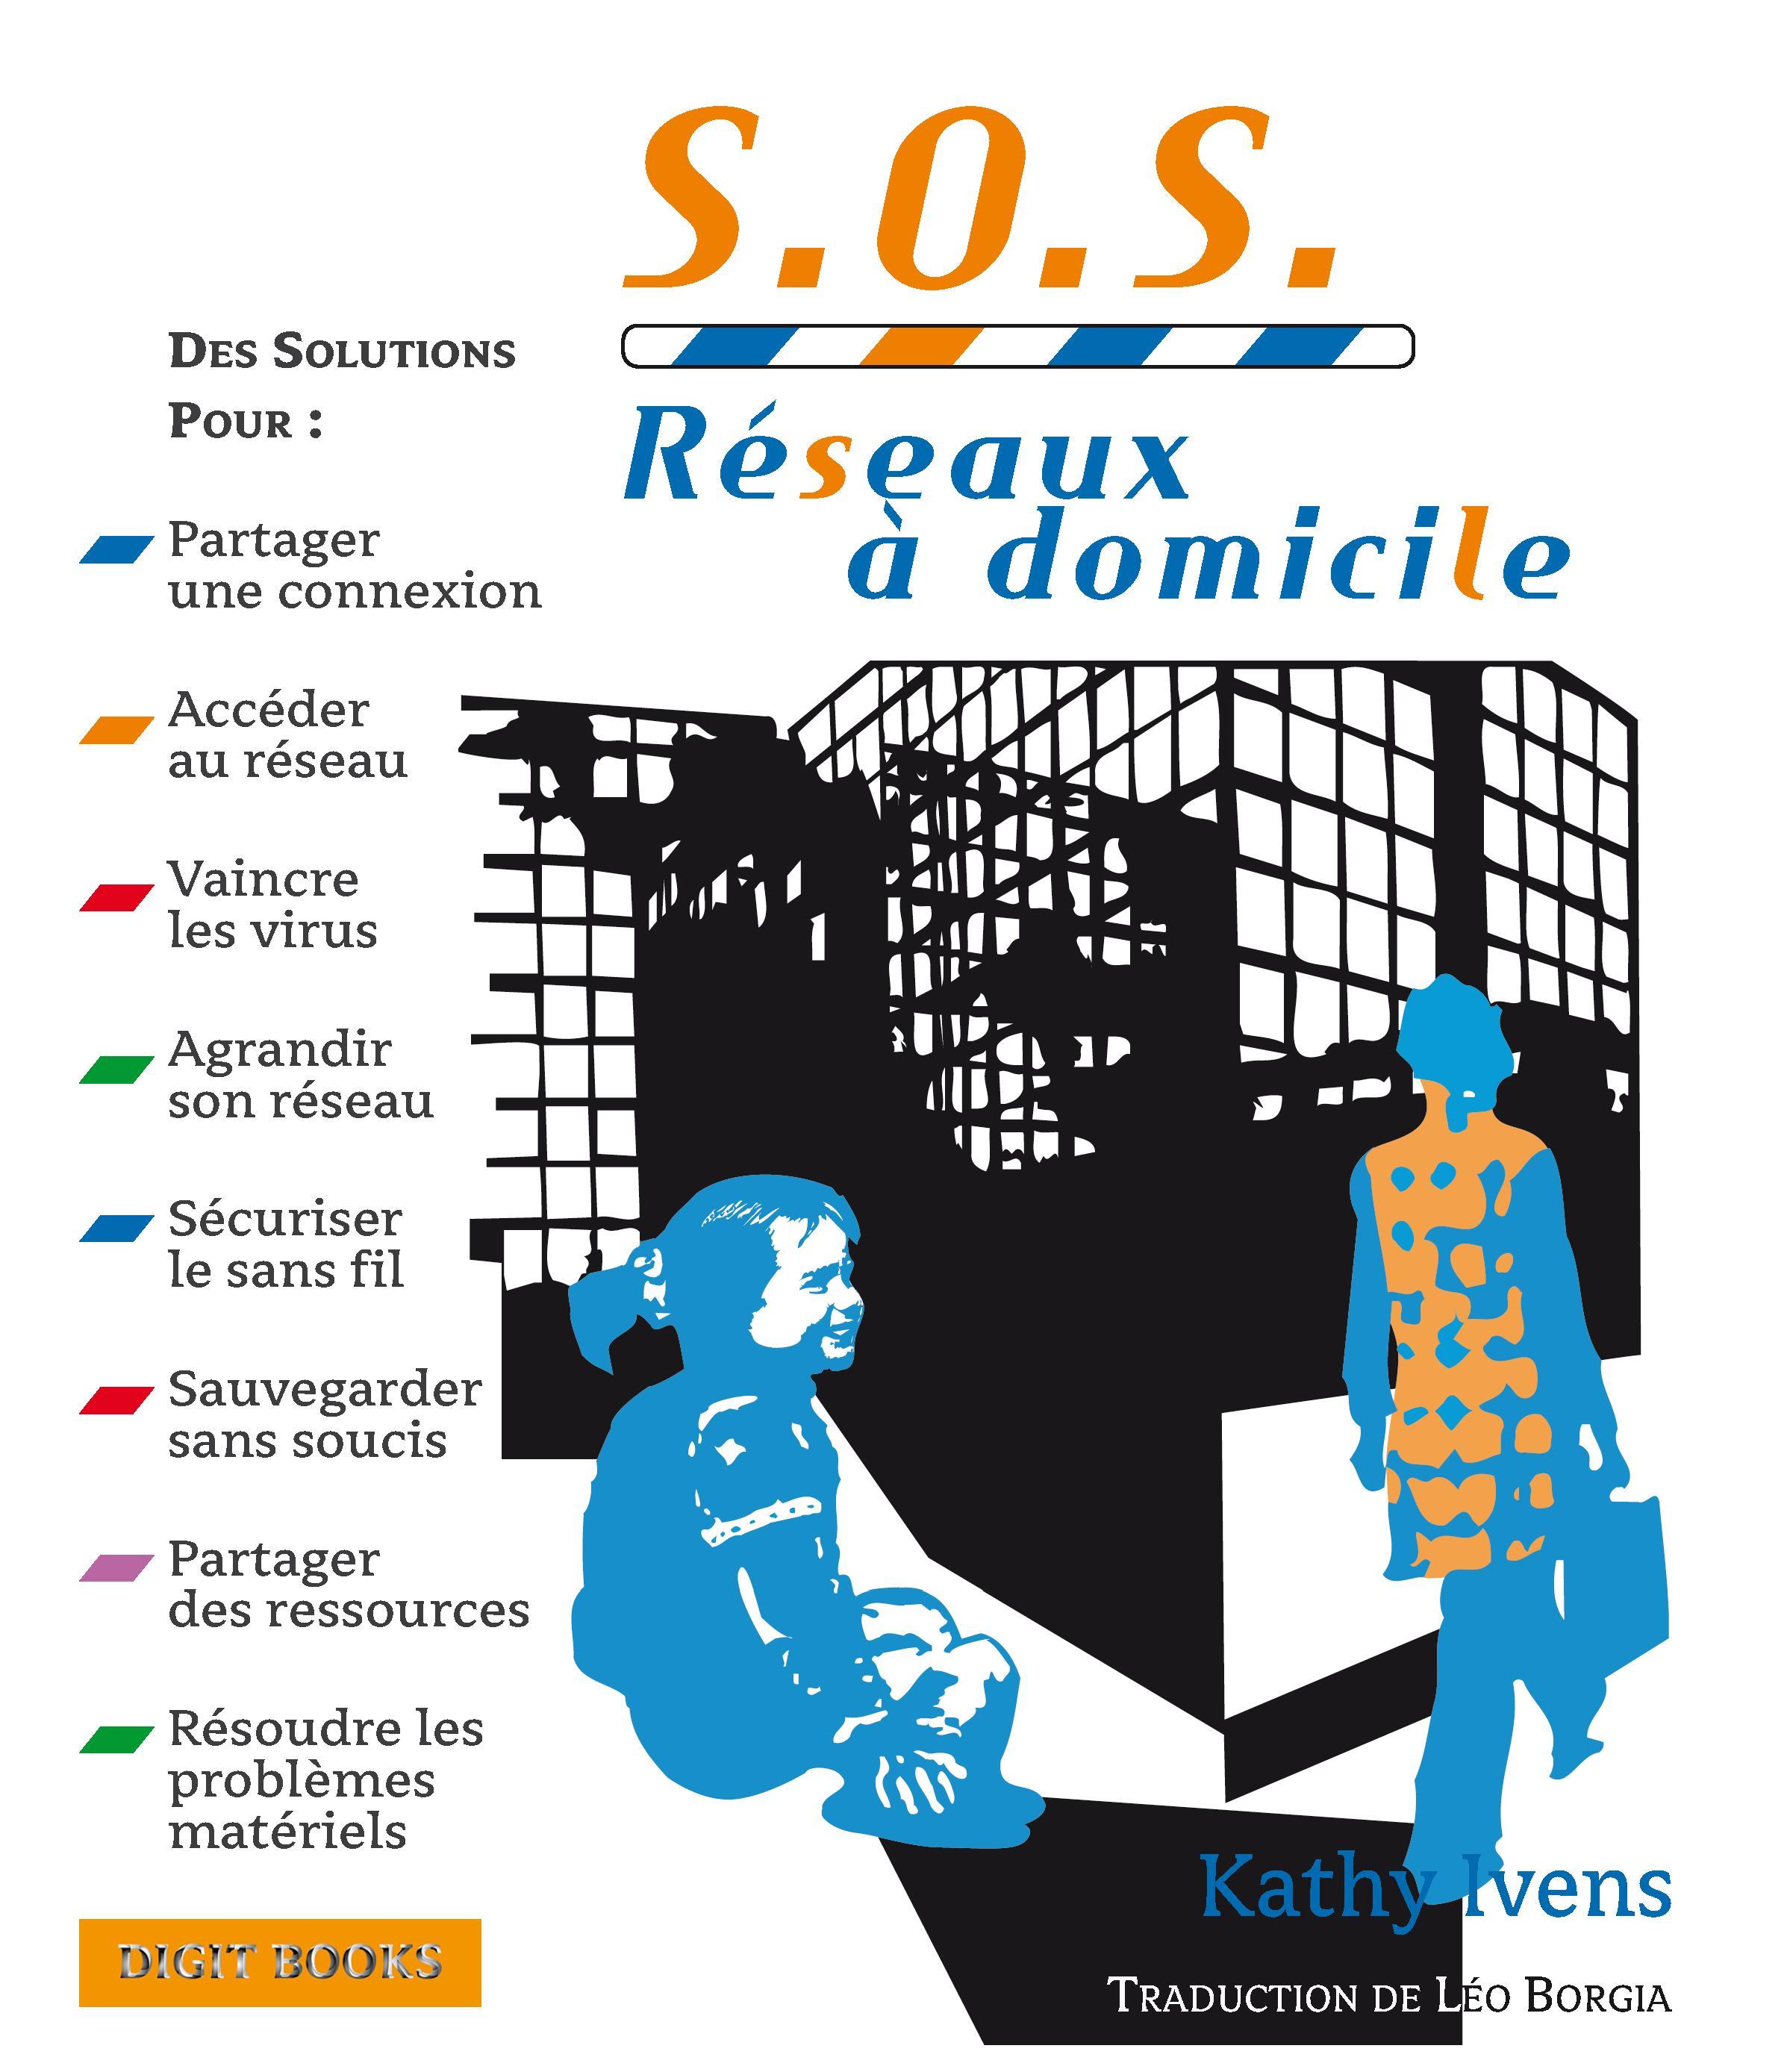 S.O.S. Réseaux à domicile